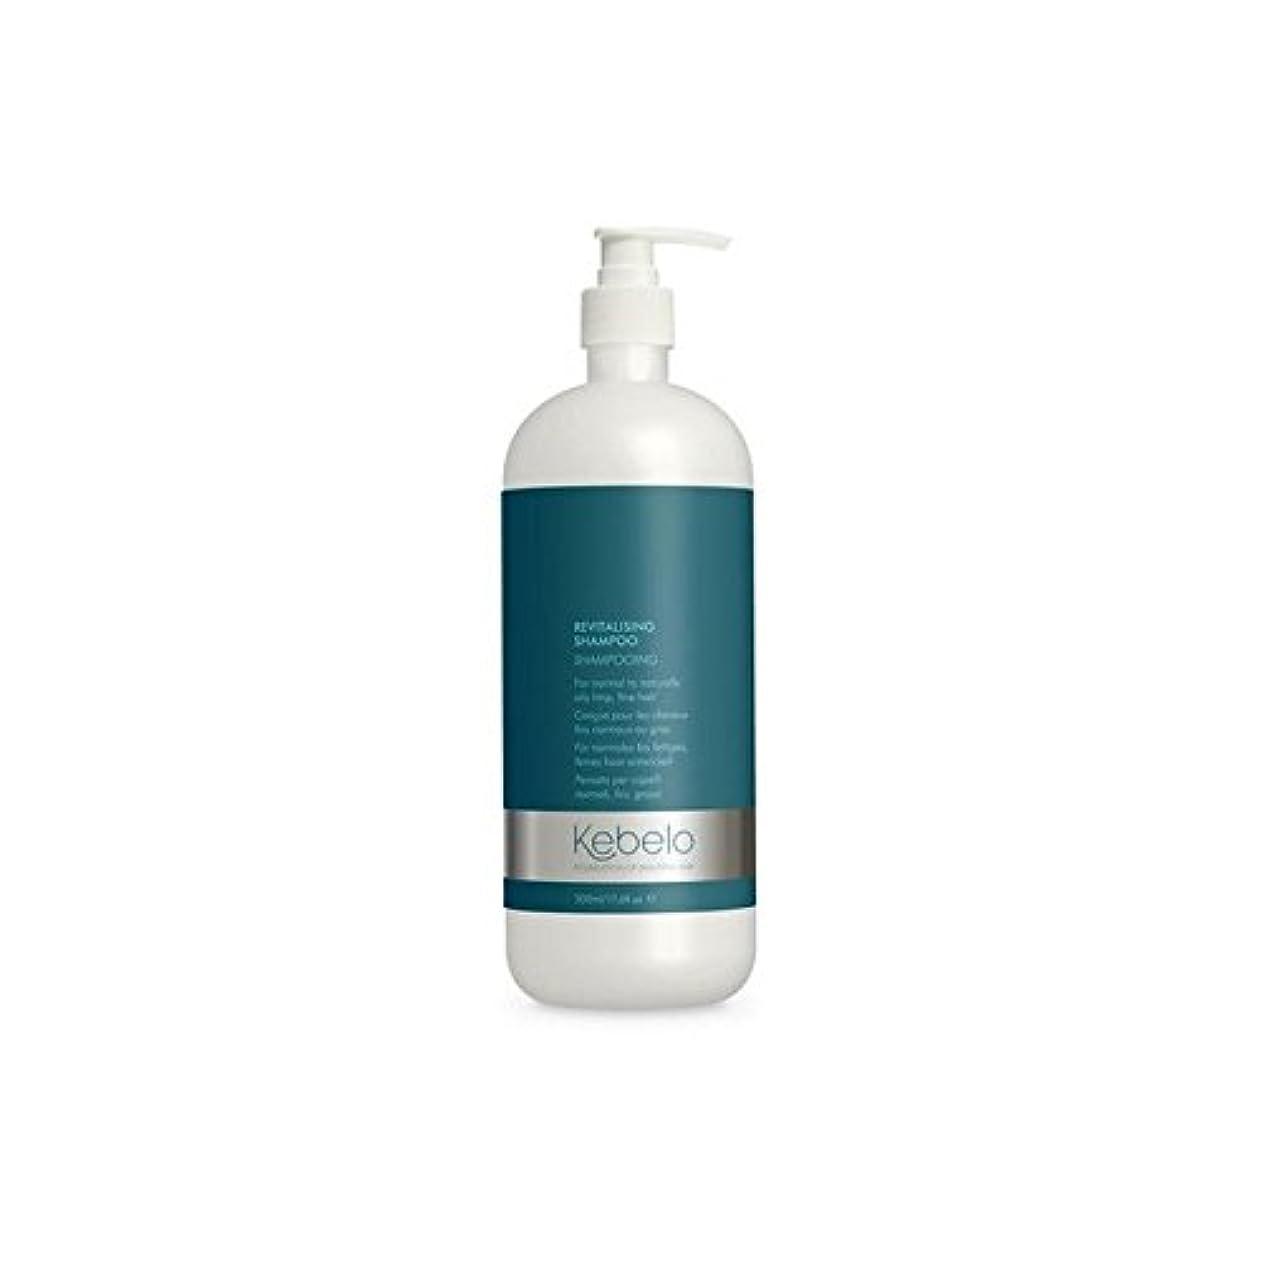 自転車革新一晩Kebelo Revitalising Shampoo (500ml) - 活力シャンプー(500ミリリットル) [並行輸入品]